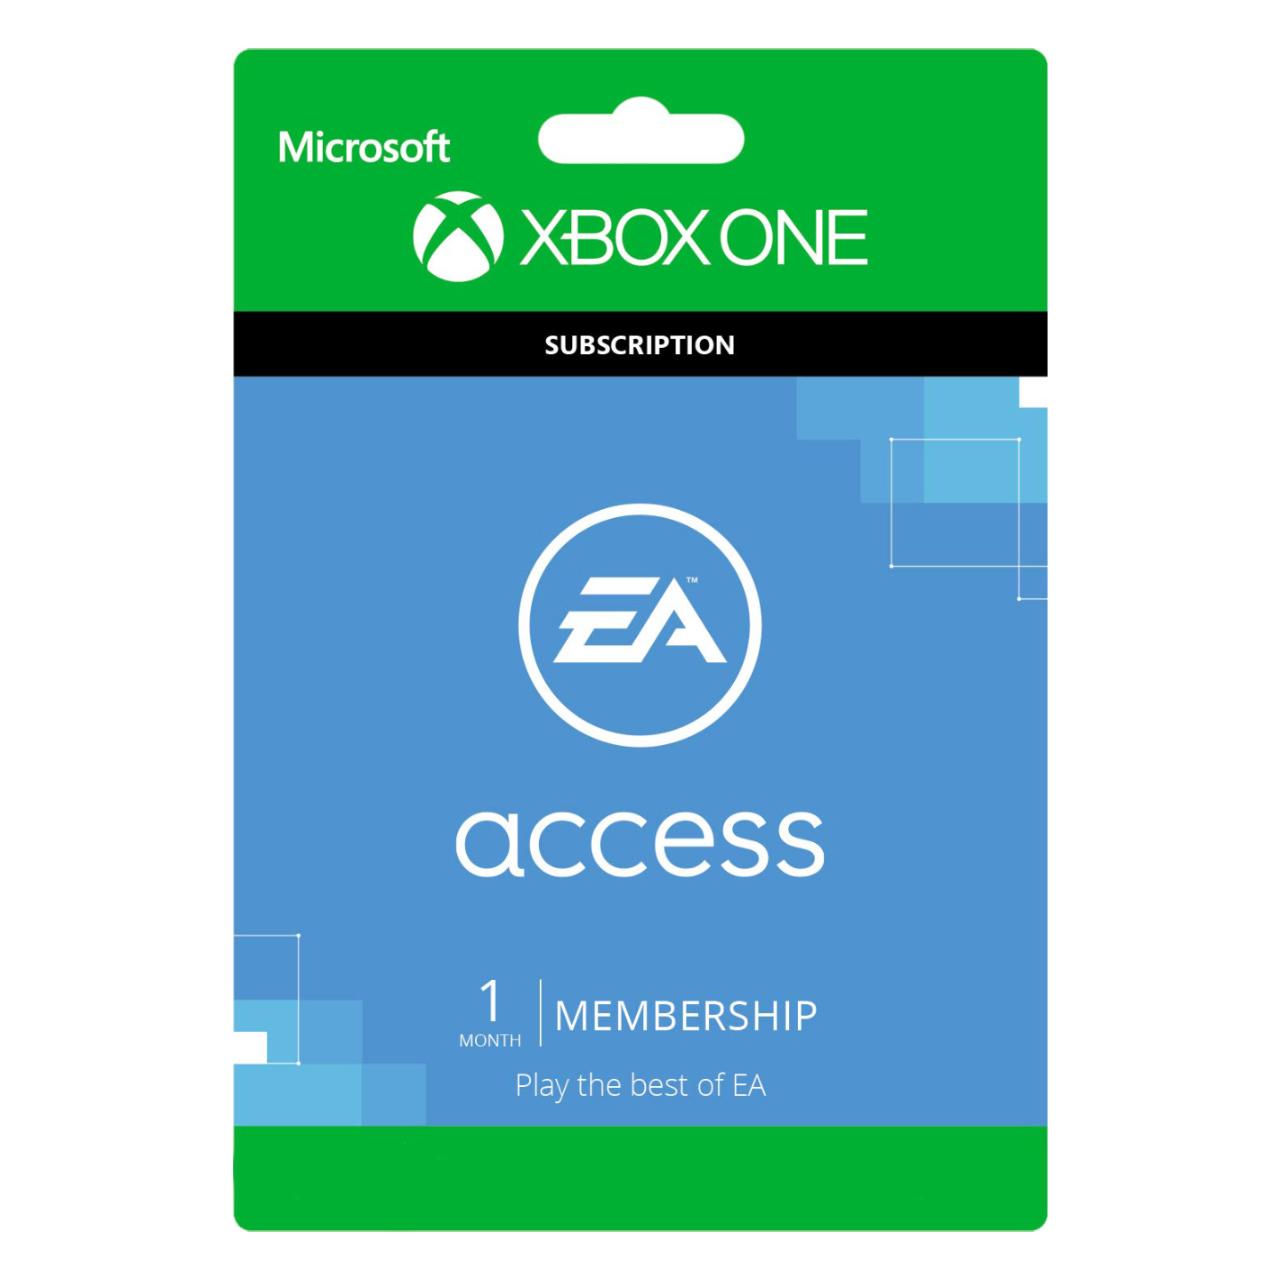 خرید اینترنتی گیفت کارت ۱ ماهه ایکس باکس مدل EA Access اورجینال